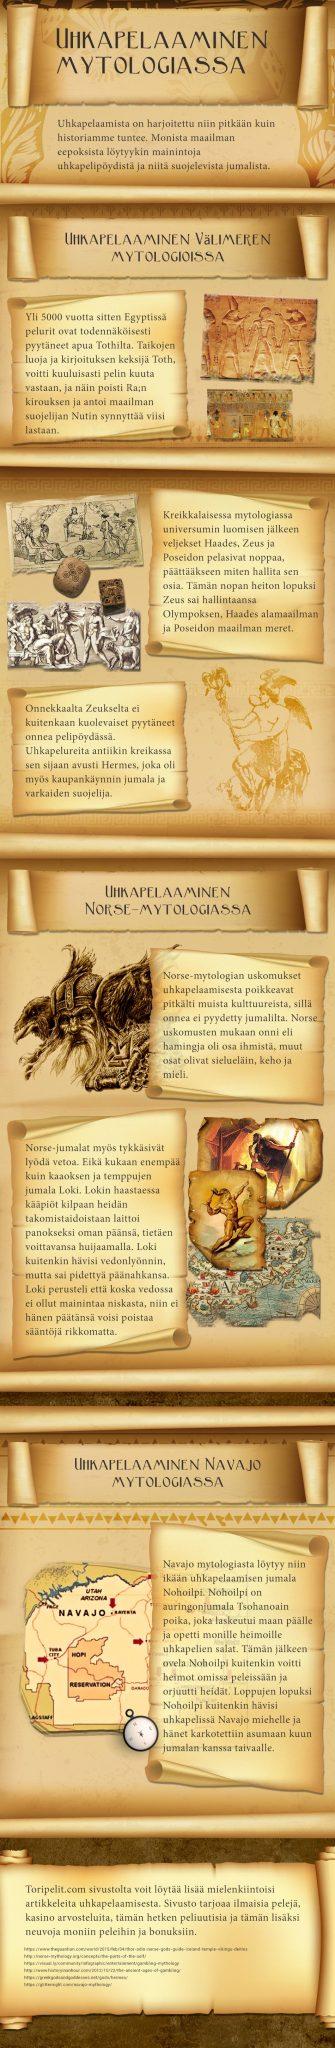 Uhkapelaaminen-Välimeren-mytologioissa